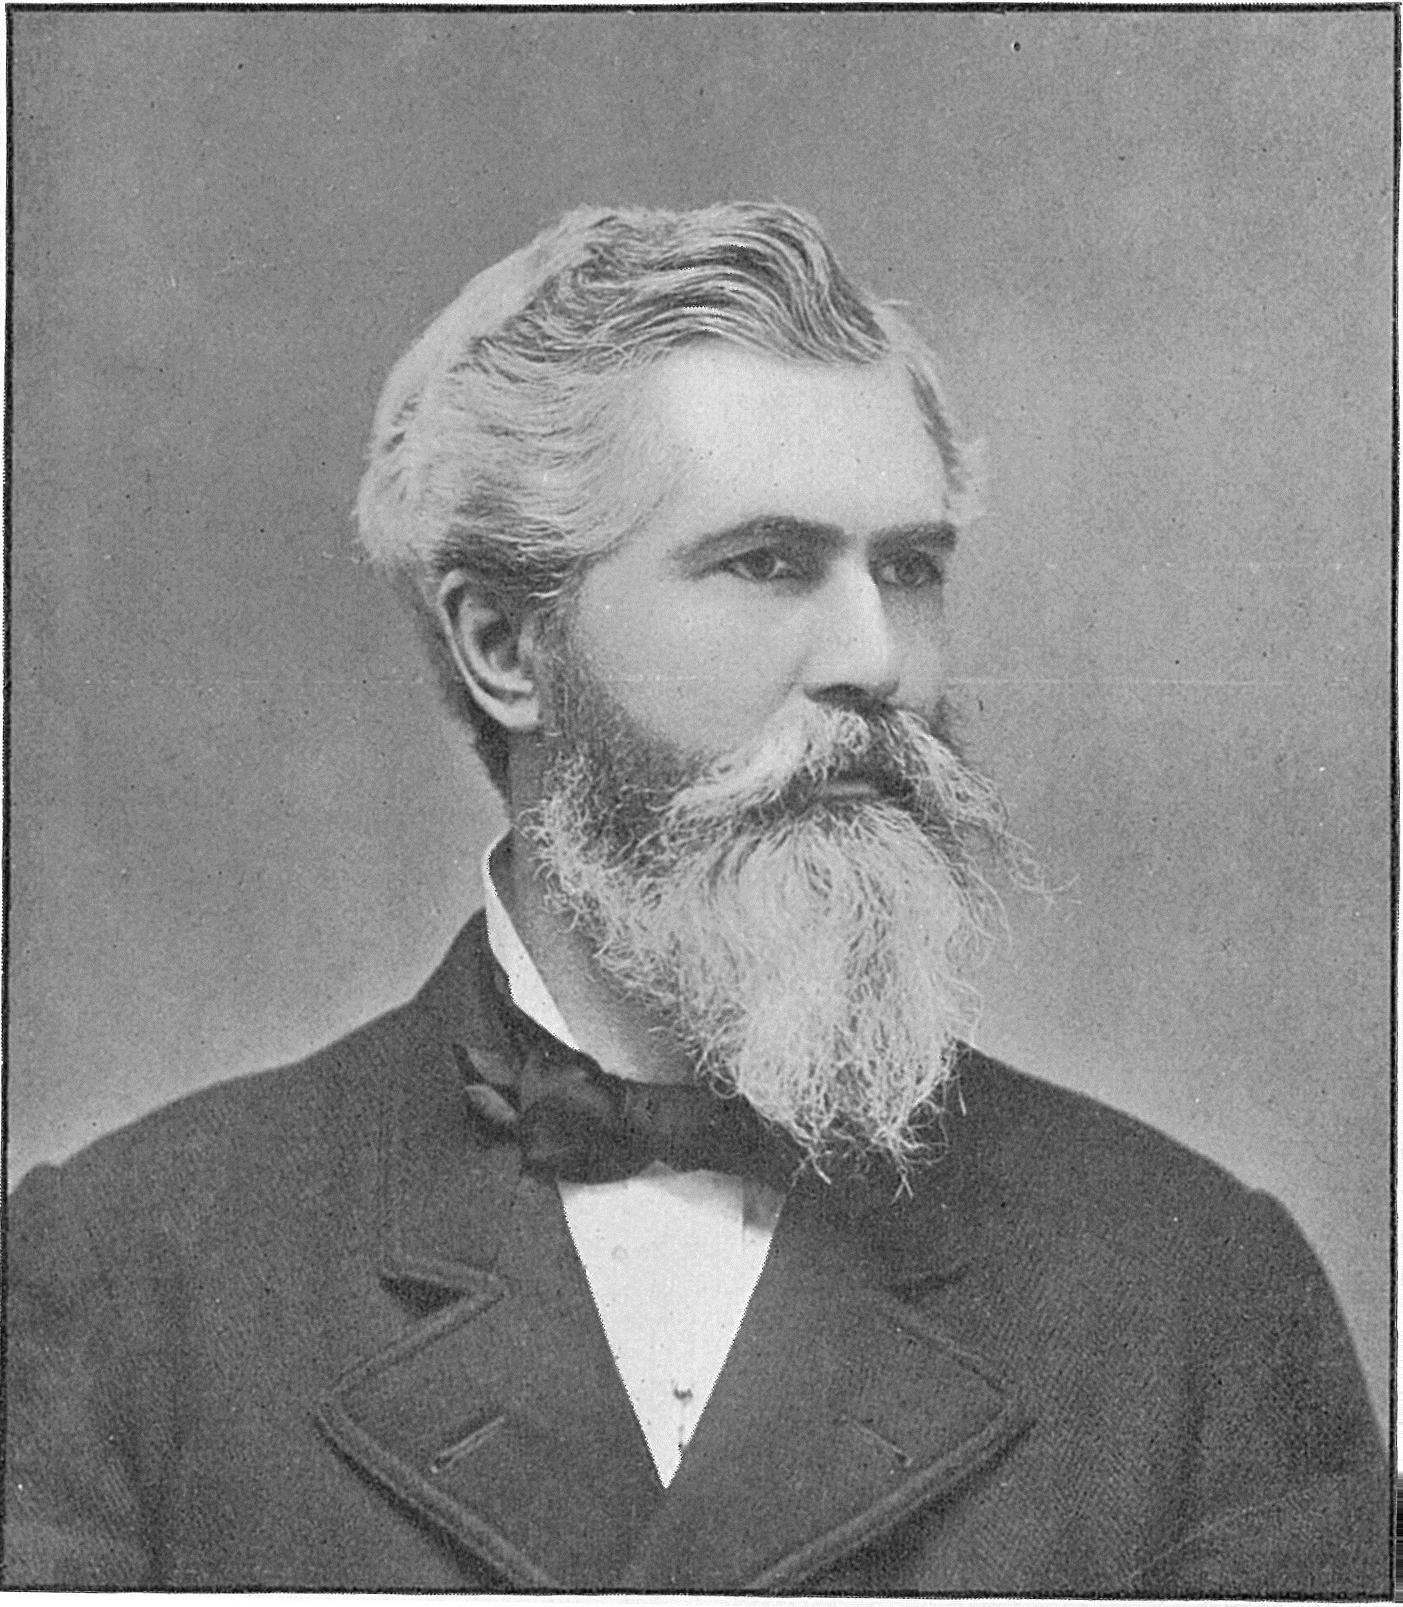 доктор Вашингтон Вентворт Шеффилд (Dr. Washington Wentworth Sheffield) - первая зубная паста